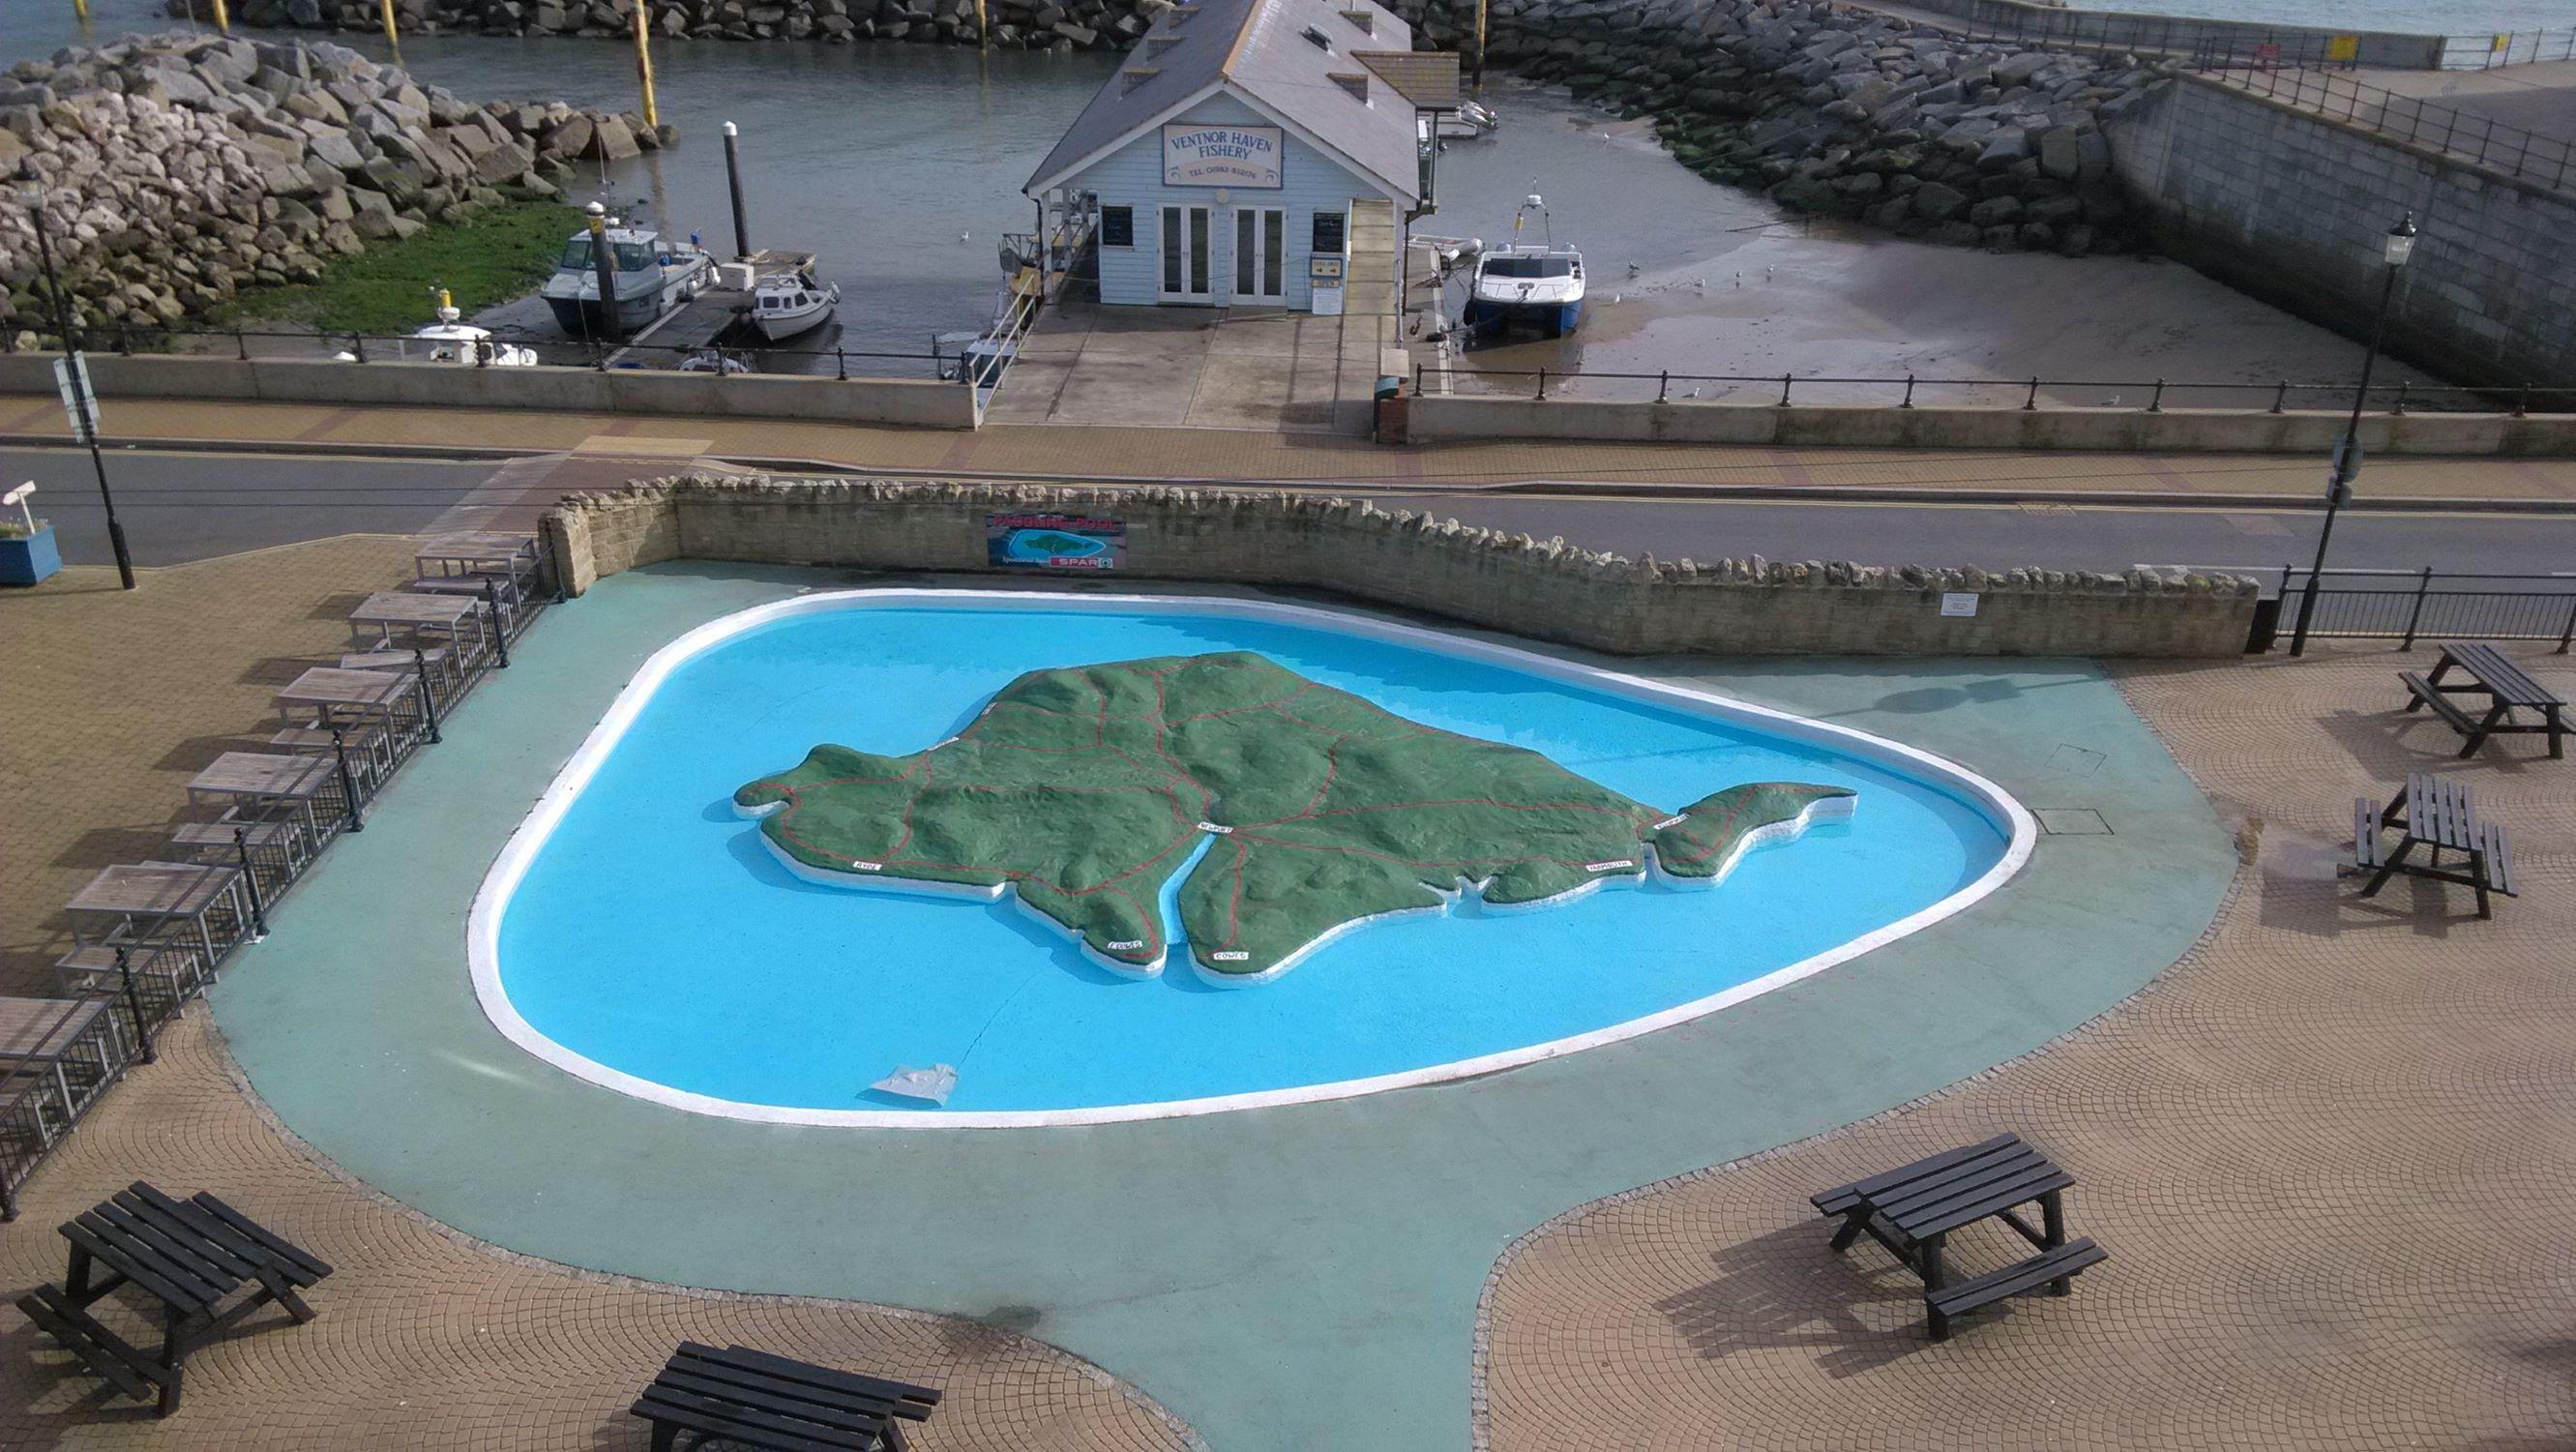 Isle of Wight alakú vizes minijátszótér gyerekeknek, háttérben a halsütöde